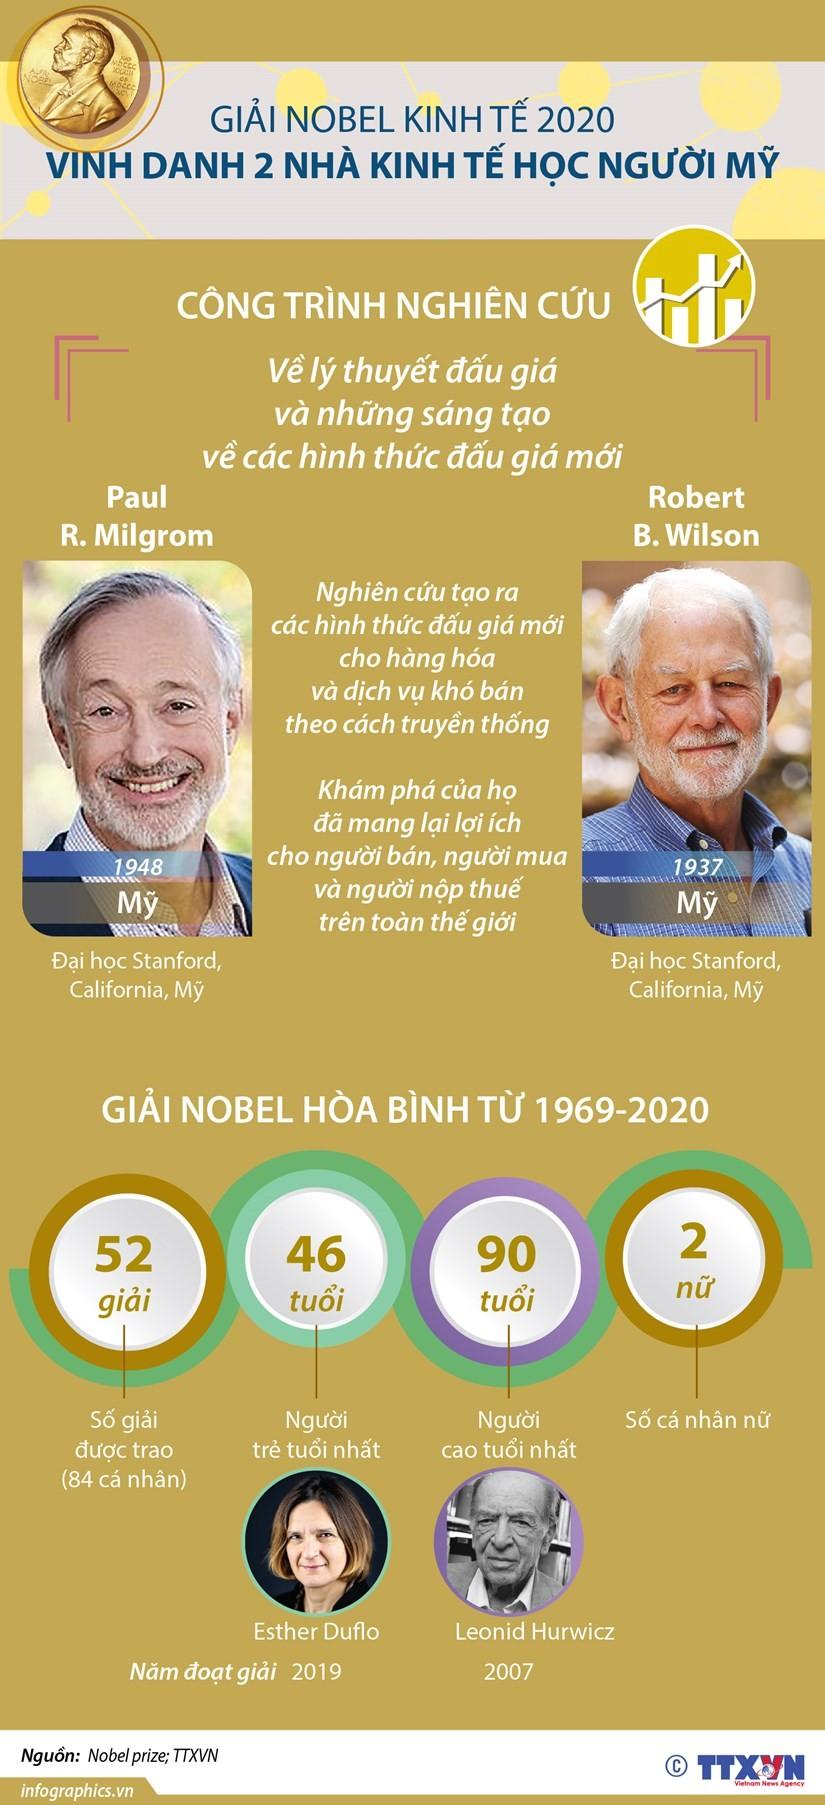 Nobel Kinh tế 2020 vinh danh 2 nhà kinh tế học người Mỹ ảnh 1